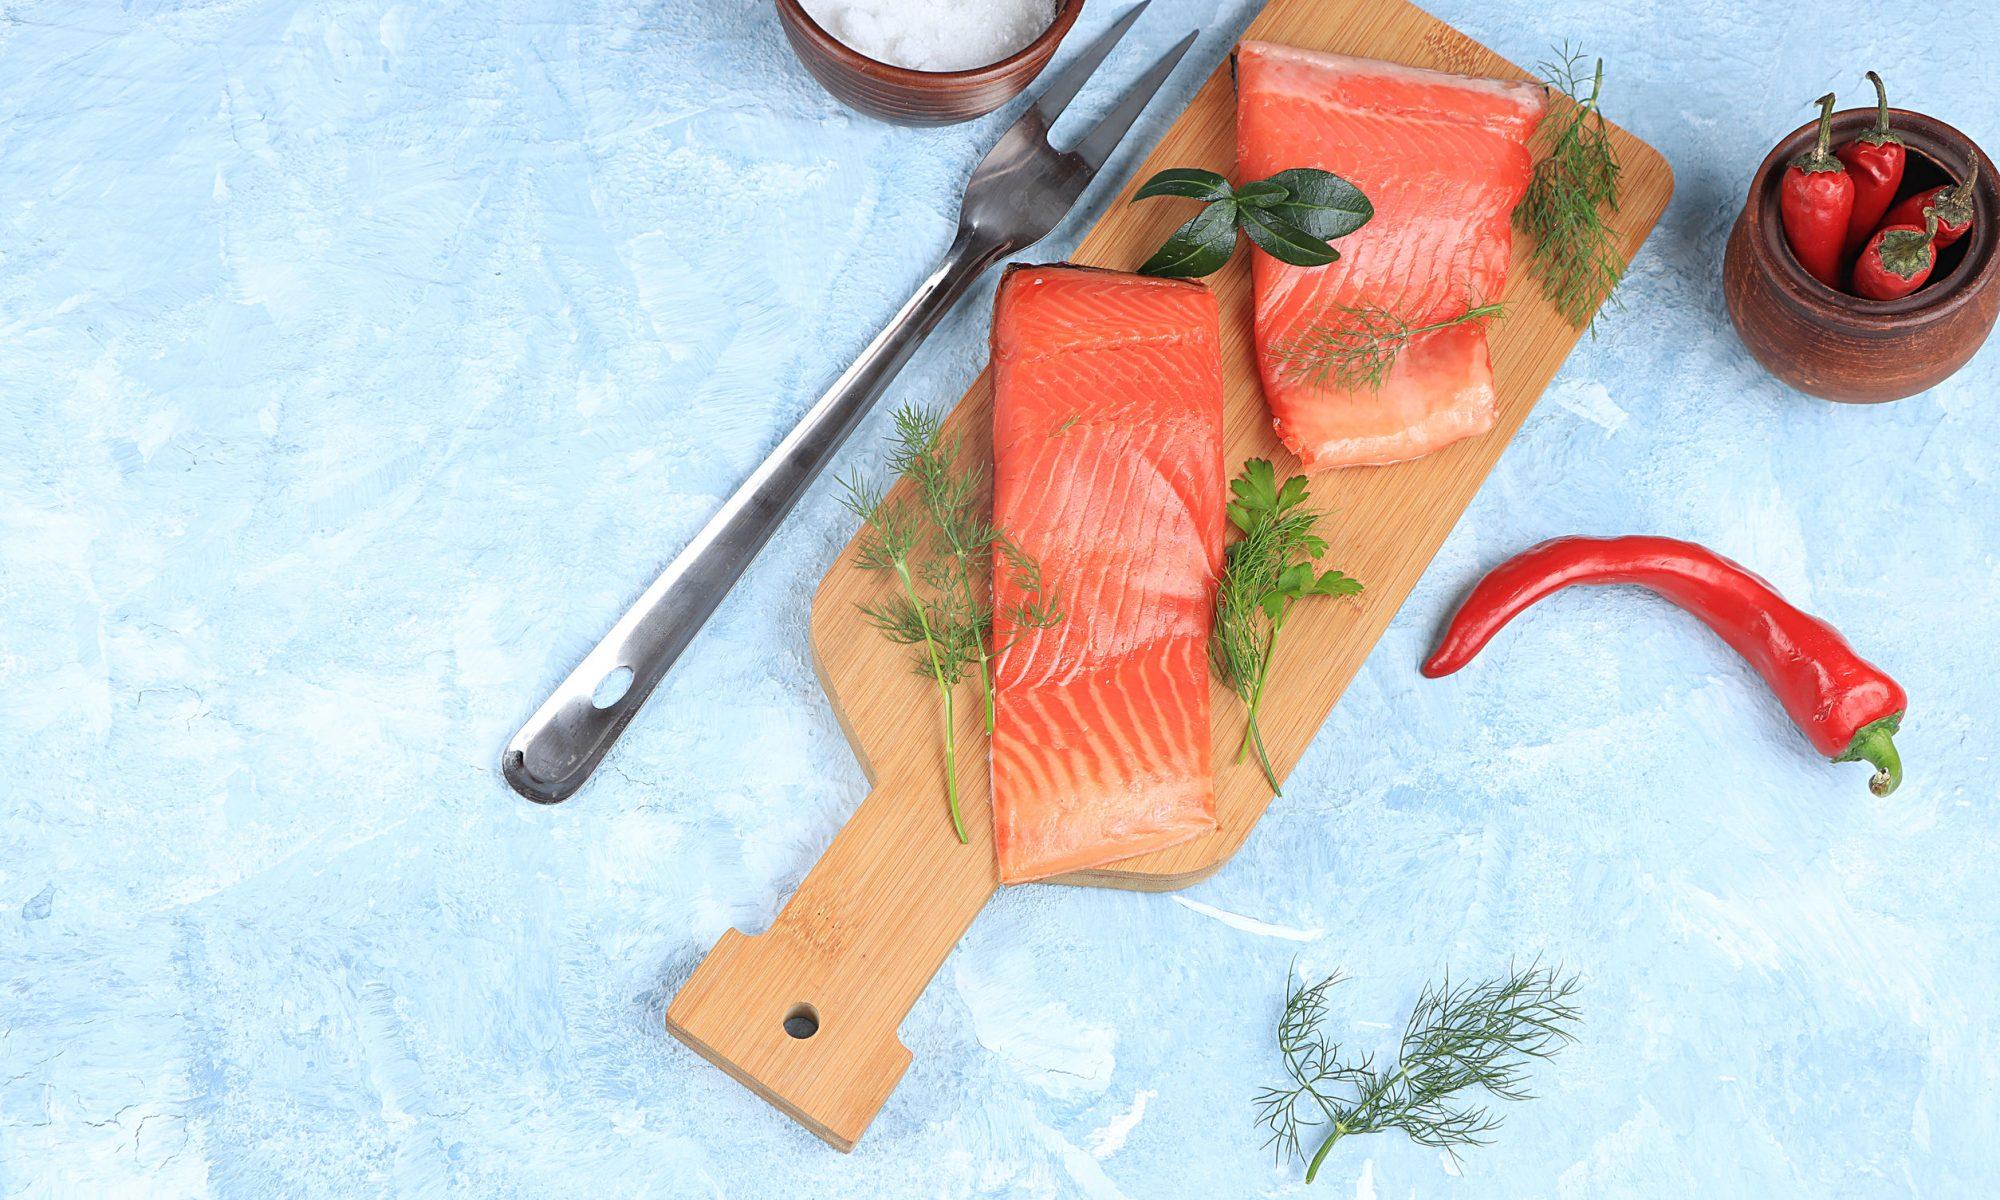 Пожалуй, все любители рыбы будут в восторге от горбуши малосольной: приготовить дома такую закуску не составит большого труда.